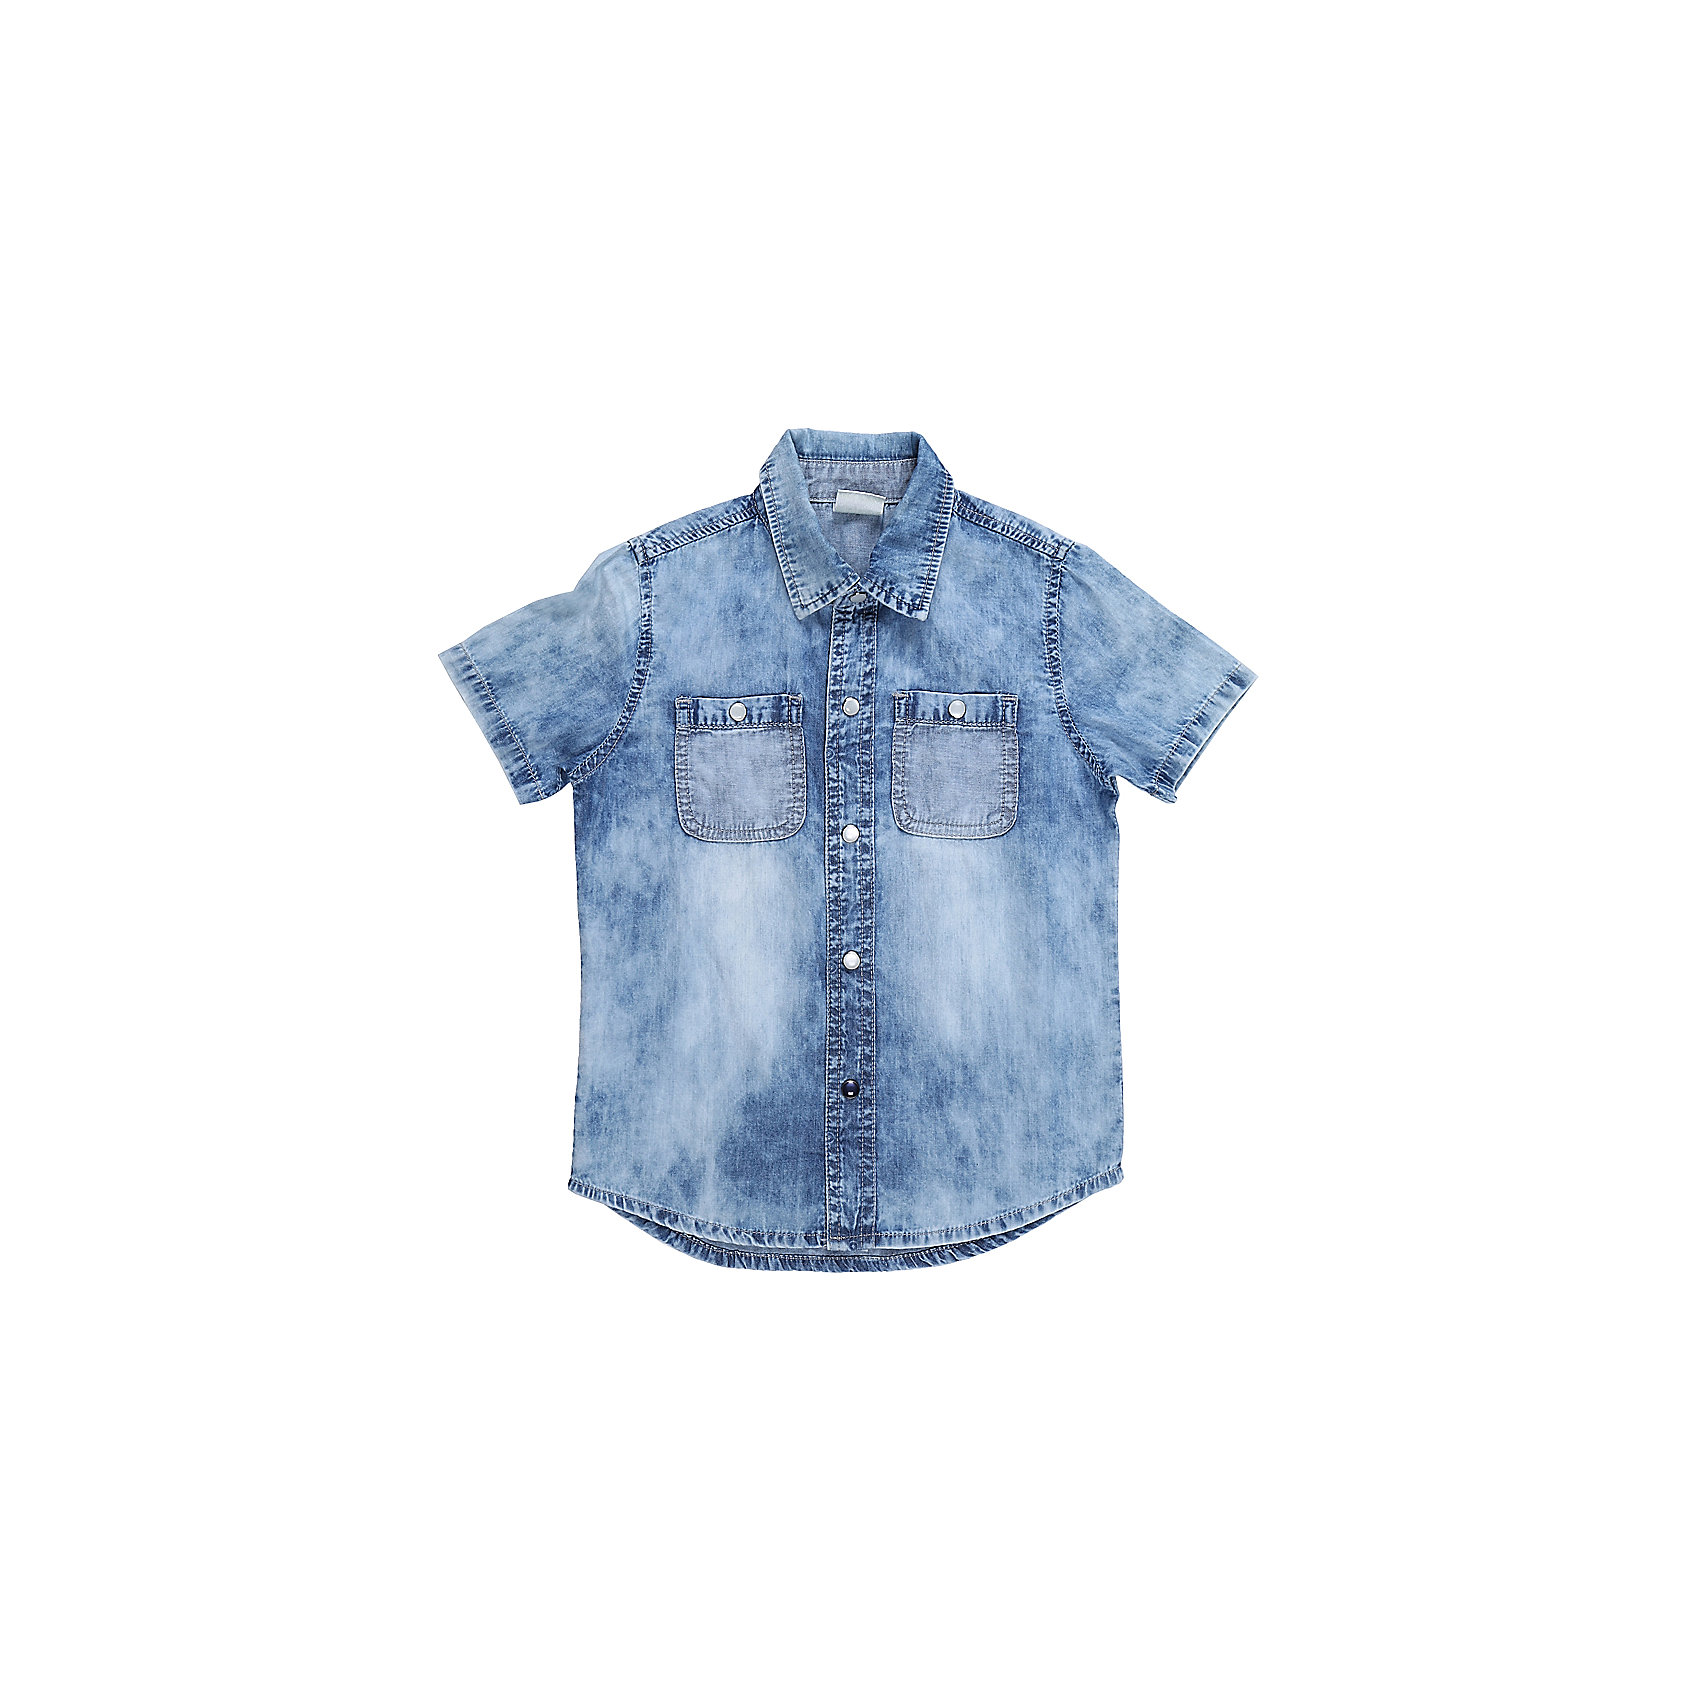 Рубашка джинсовая для мальчика Sweet BerryФутболки, топы<br>Хлопковая рубашка из тонкой ткани под джинсу. Застежка на кнопках. На полочках два накладных карманы. Спинка декорирована оригинальным принтом. Отложной воротничок.<br>Состав:<br>100%хлопок<br><br>Ширина мм: 174<br>Глубина мм: 10<br>Высота мм: 169<br>Вес г: 157<br>Цвет: голубой<br>Возраст от месяцев: 12<br>Возраст до месяцев: 18<br>Пол: Мужской<br>Возраст: Детский<br>Размер: 86,80,98,92<br>SKU: 5411720